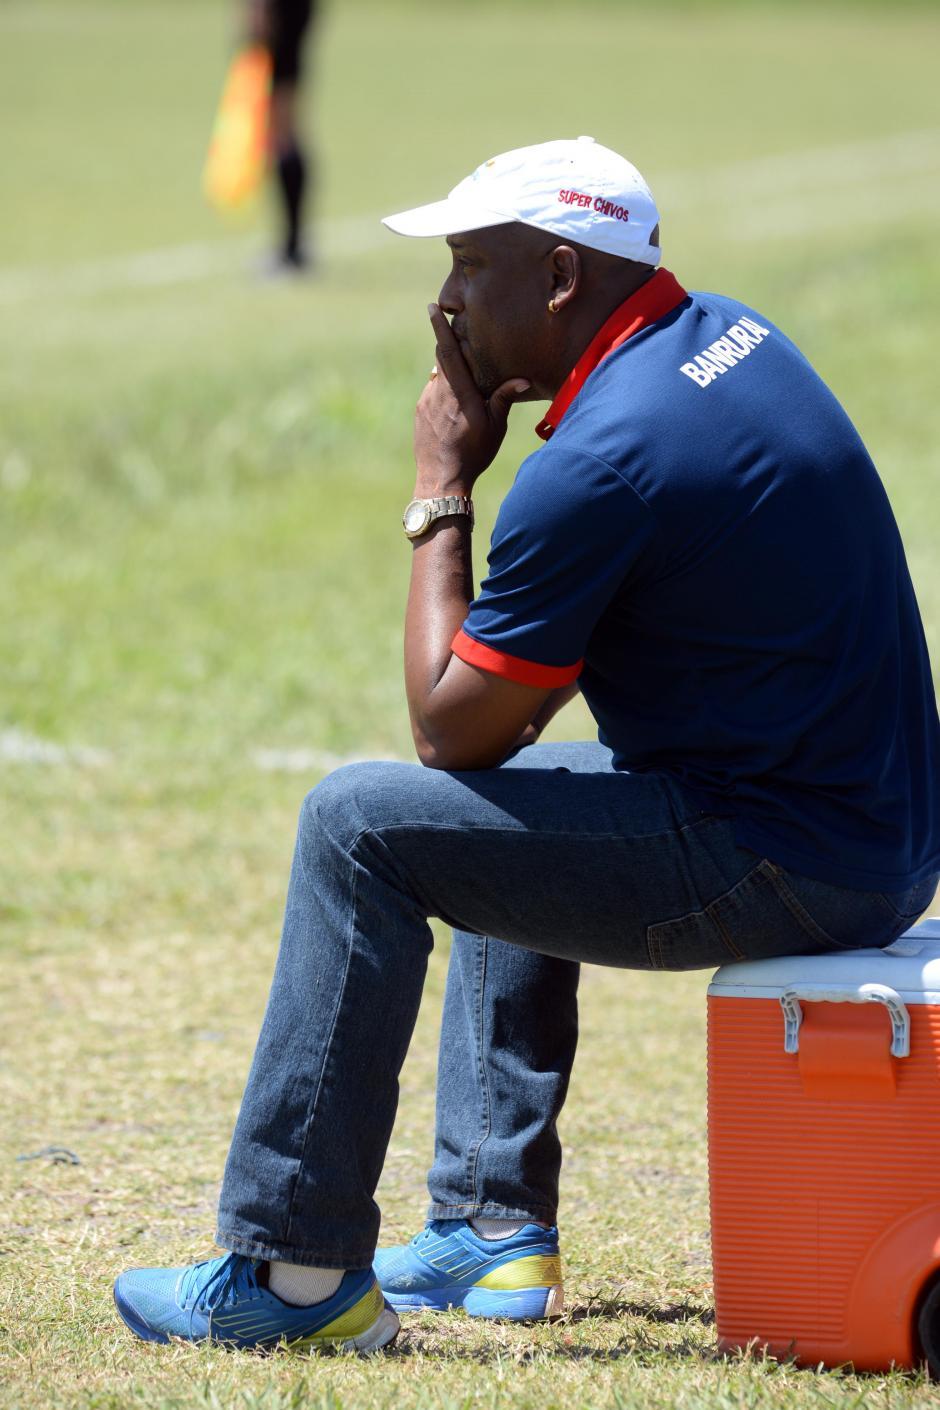 El costarricense Hernán Medford ve preocupado el partido desde su banquillo. De visita le ha costado a su equipo en los últimos juegos.(Foto: Diego Galiano/Nuestro Diario)